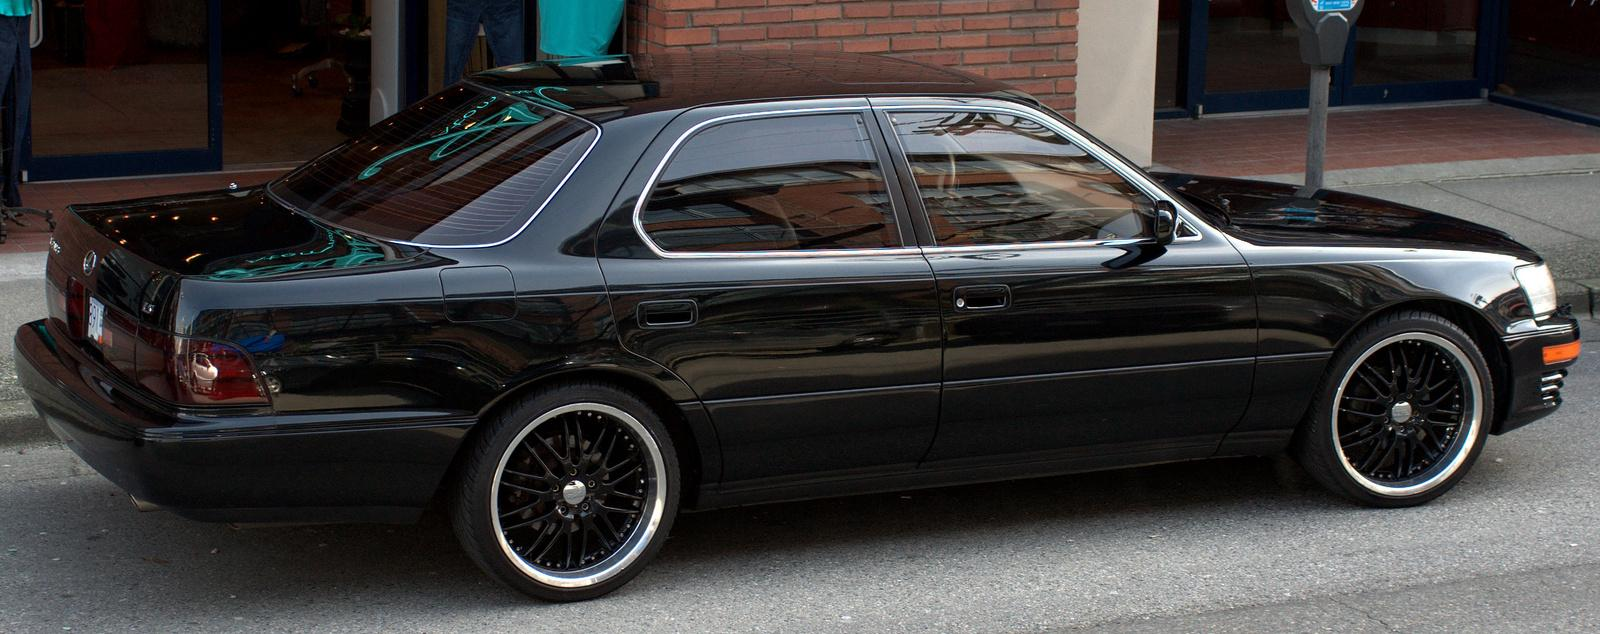 1994 Lexus Ls 400 1600px Image 9 Wiring Diagram Ls400